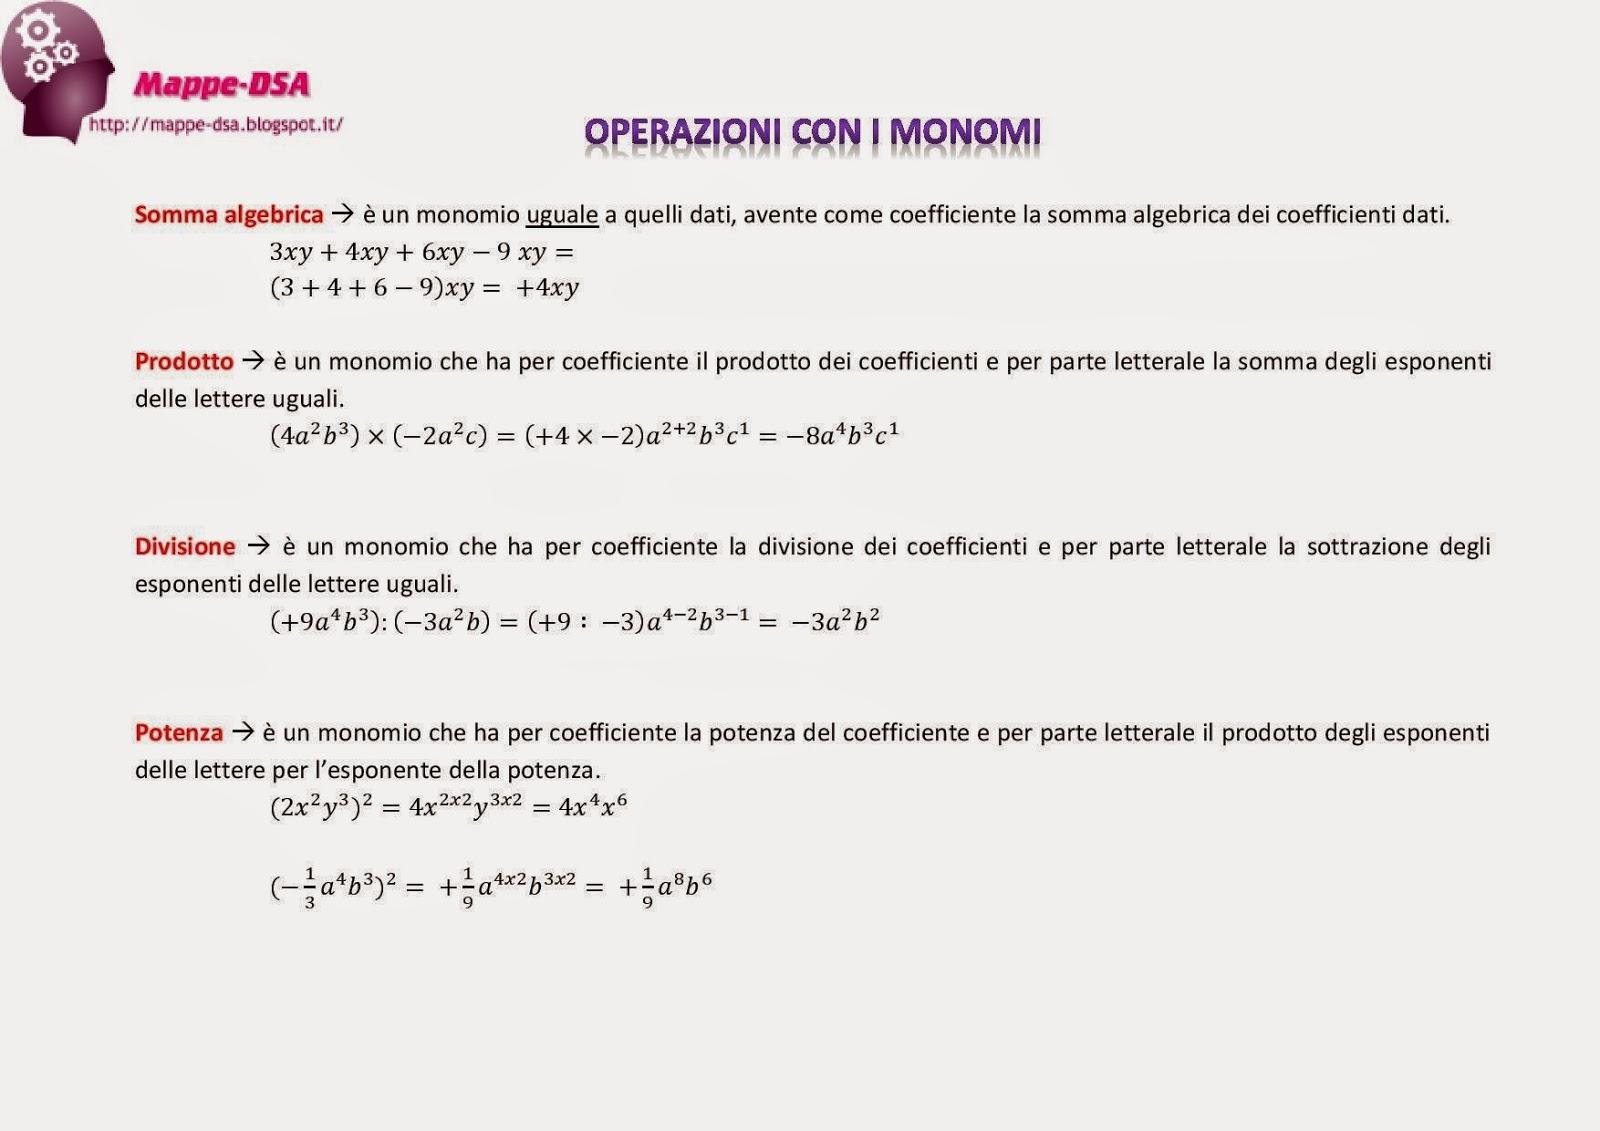 mappedsa schema matematica discalculia dislessia operazioni con i monomi